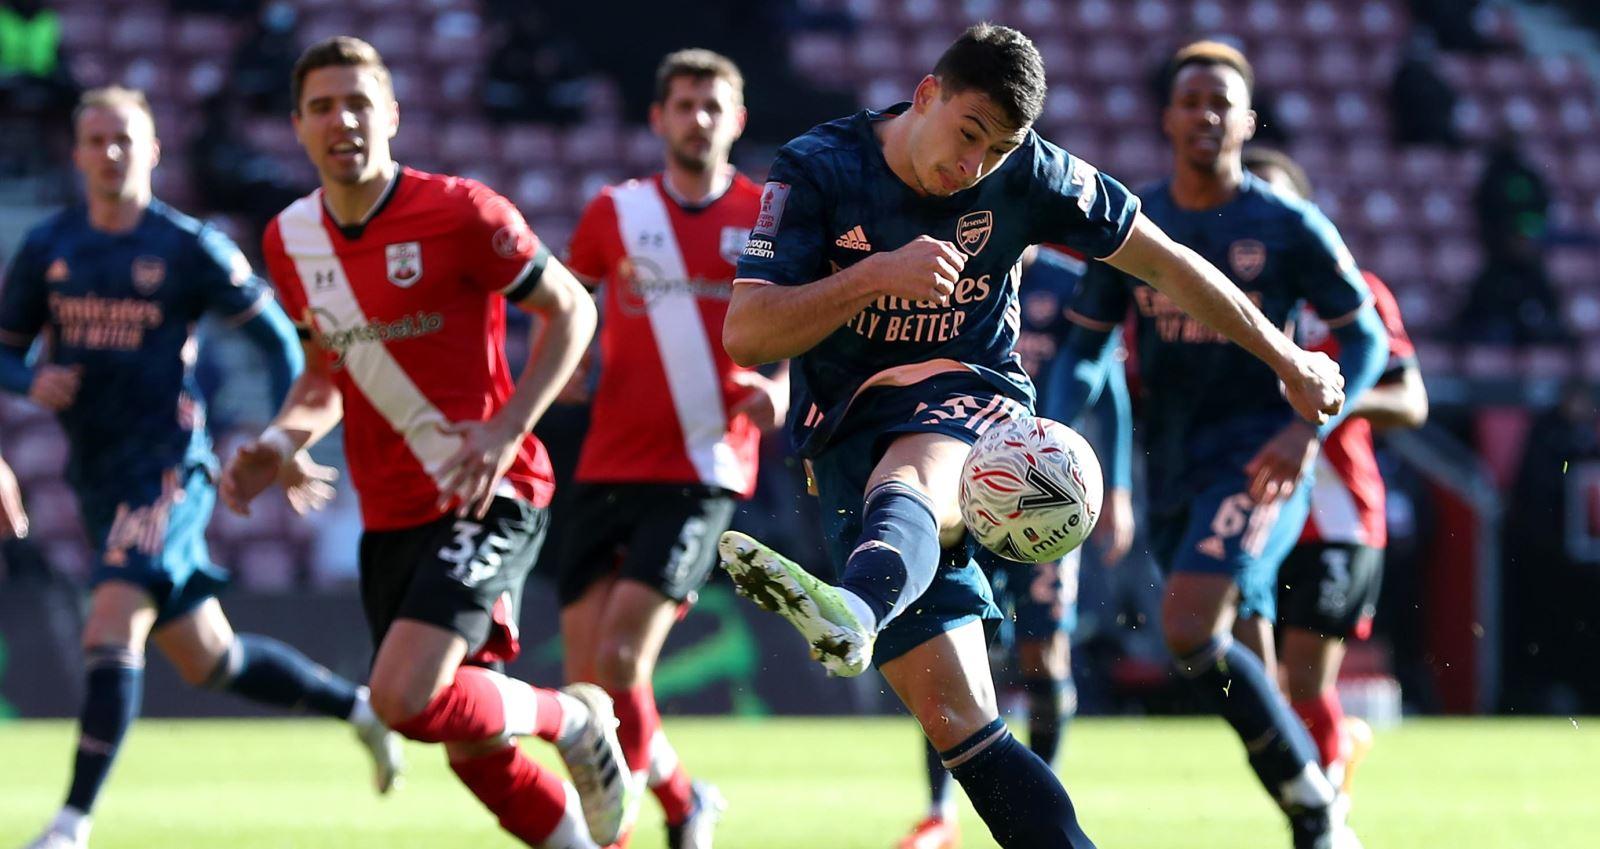 Video Southampton 1-0 Arsenal, Video clip bàn thắng trận Southampton 1-0 Arsenal, Arsenal, Southampton, arsenal, southampton, bóng đá, kết quả bóng đá